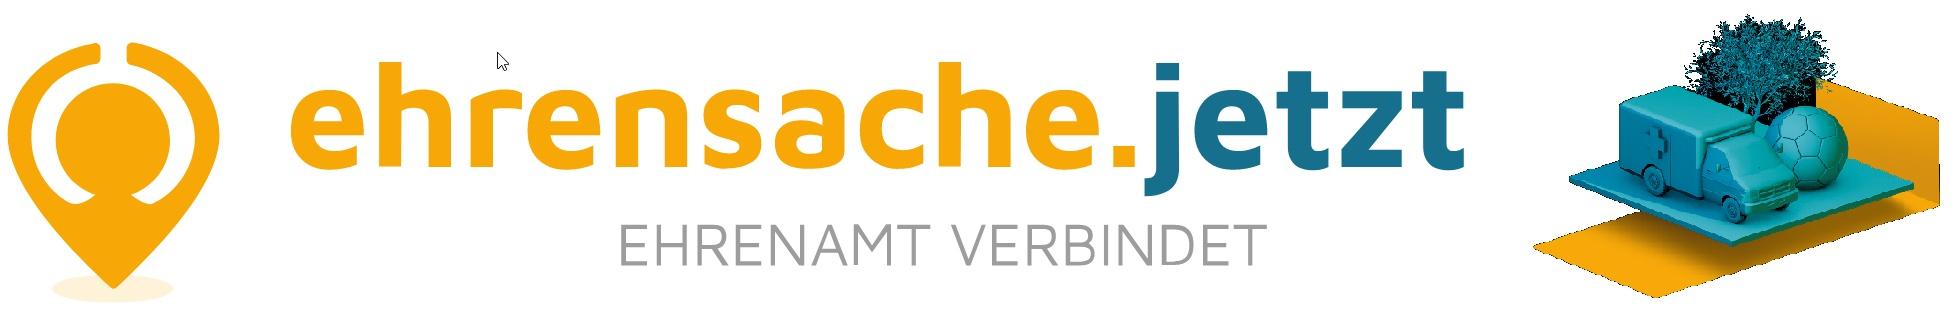 Ehrenamtsplattform www.ehrensache.jetzt bald auch im SSO-Kreis